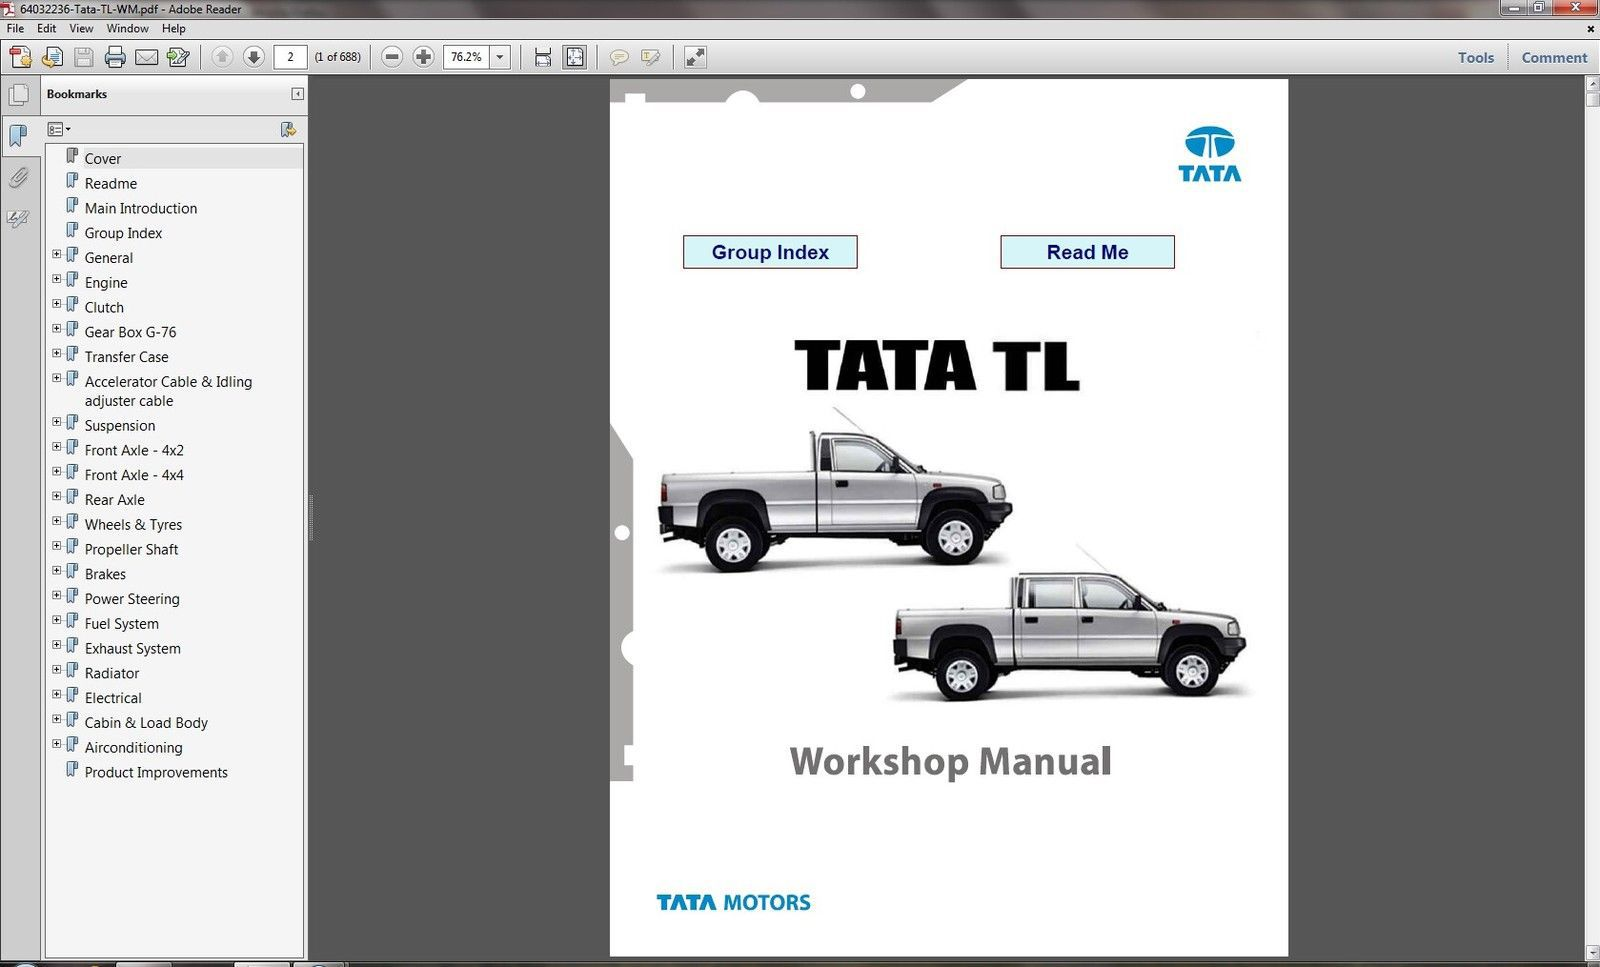 Tata motors workshop manual